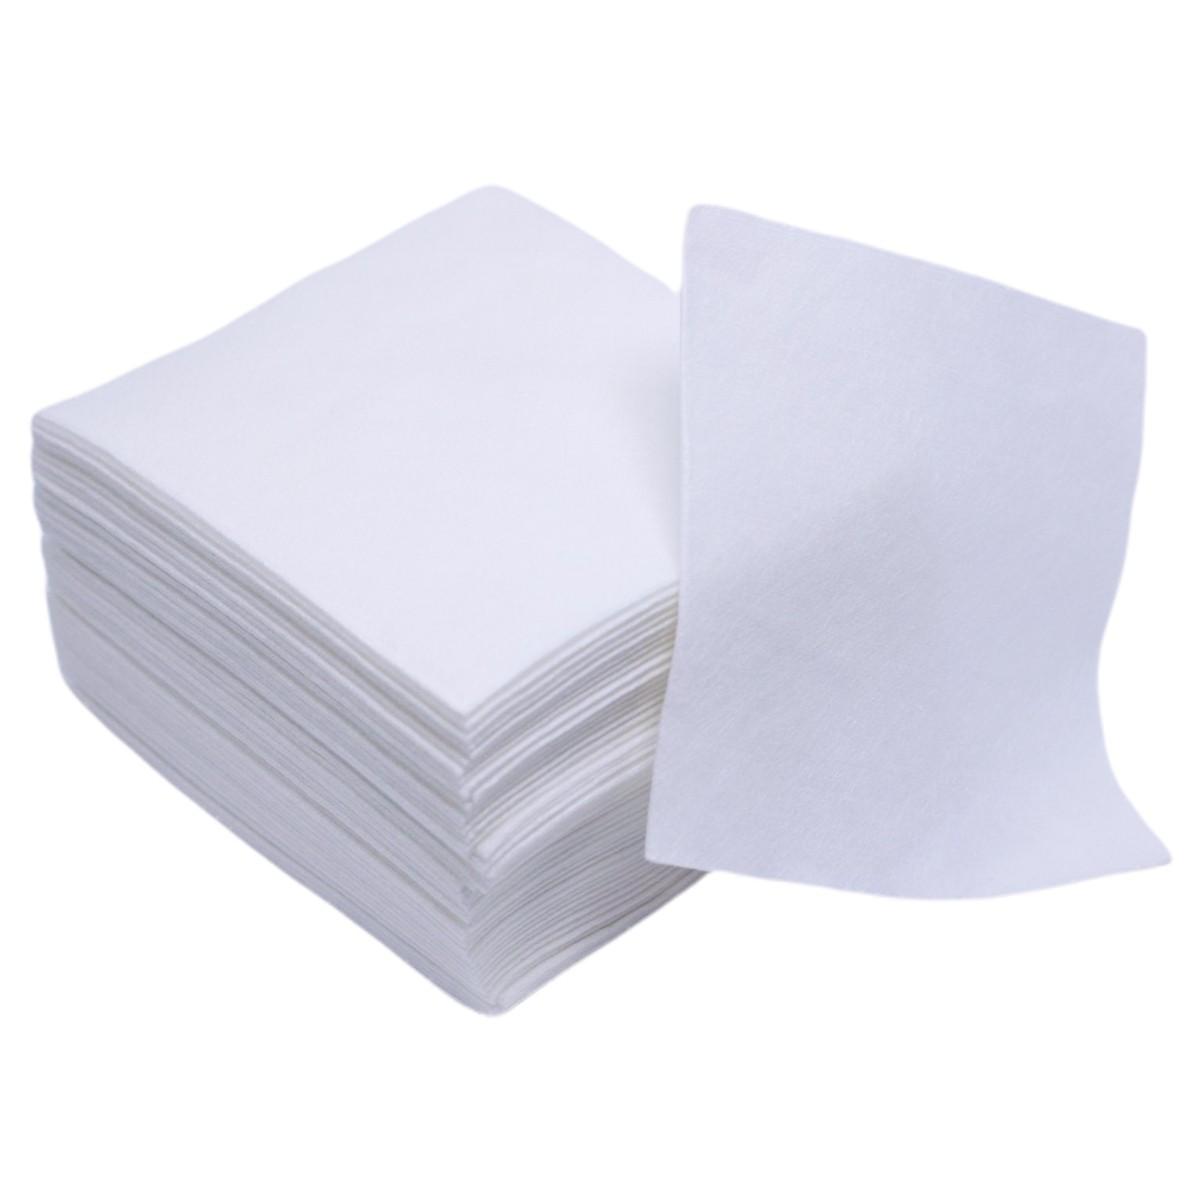 Pano Descartavel Wiper Obertech Liso Branco Ober 30cm x29cm 1 unidade